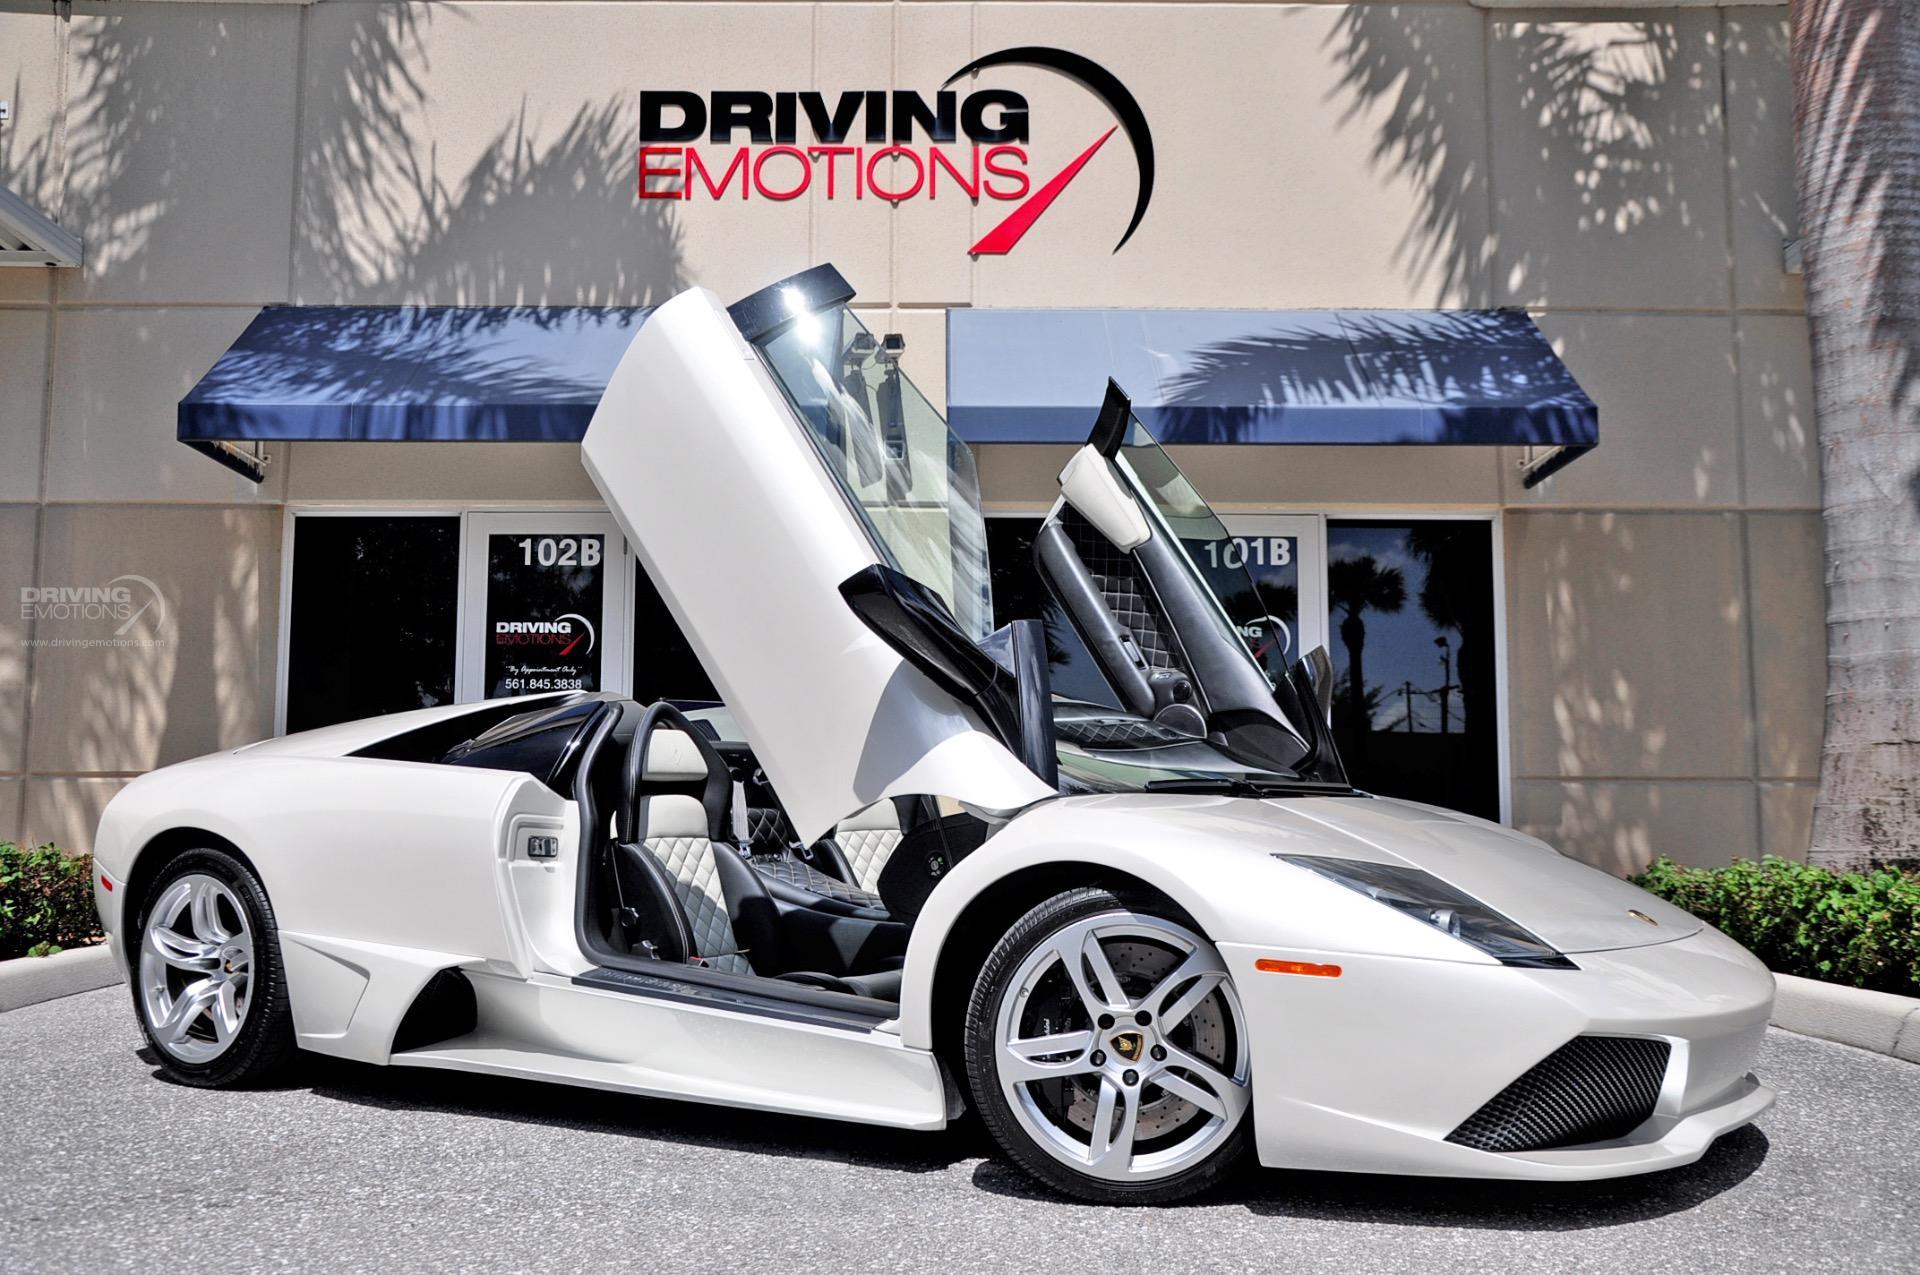 2008 Lamborghini Murcielago Lp640 Roadster Lp640 Roadster Stock